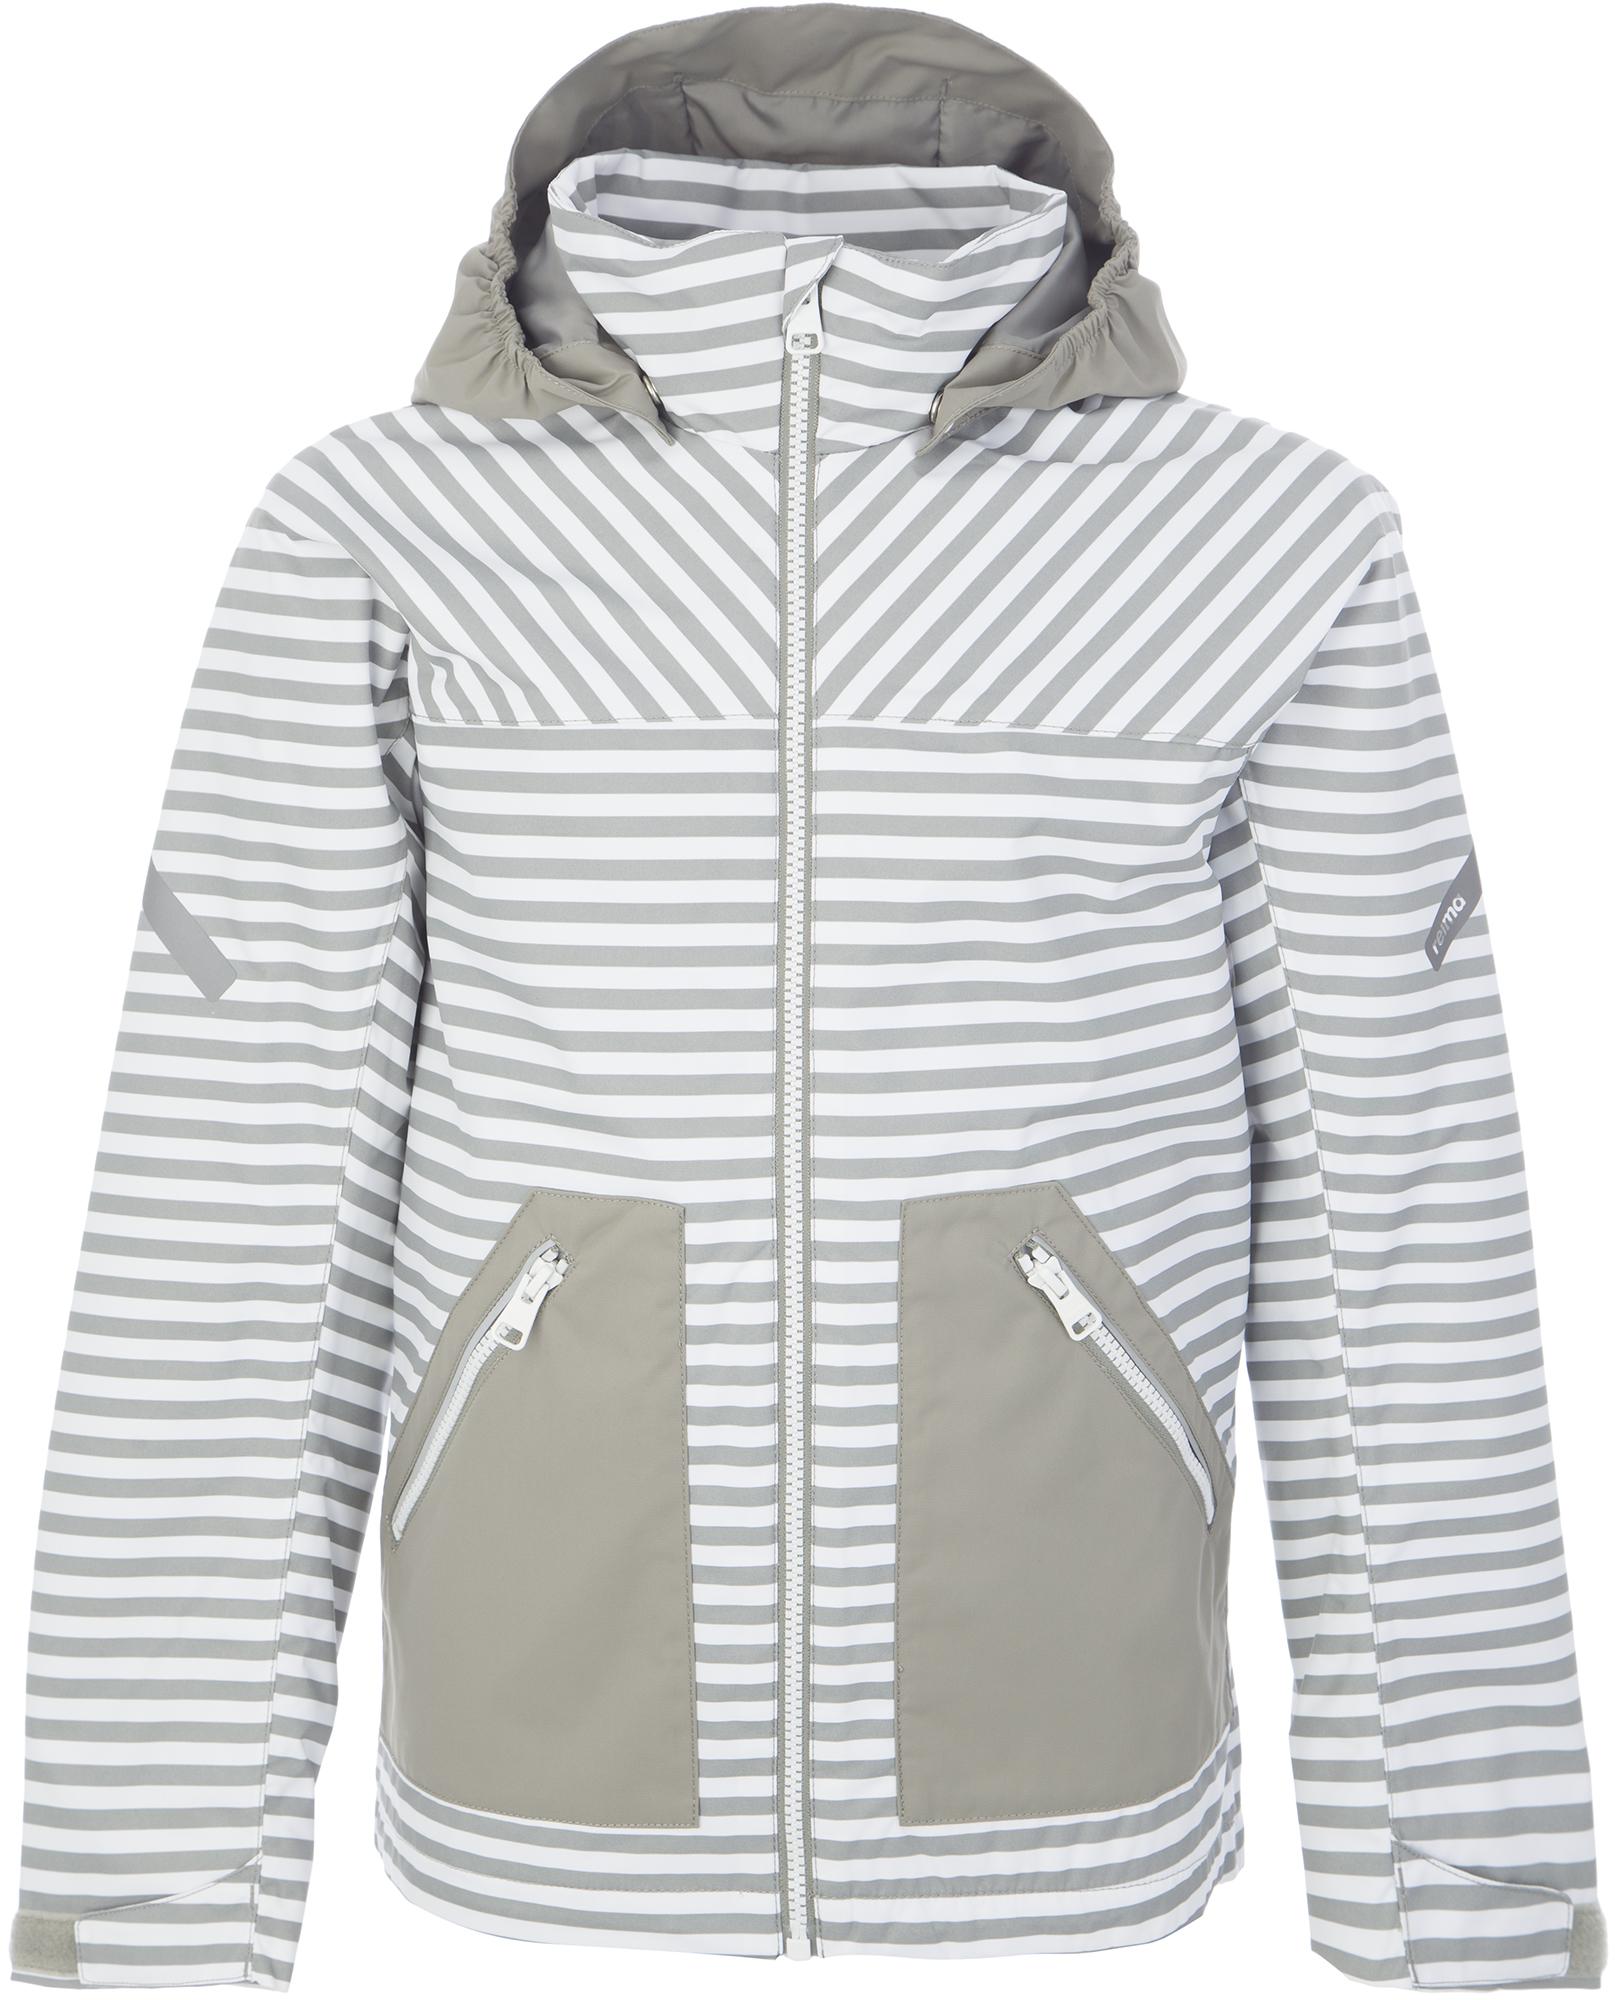 Reima Куртка утепленная для мальчиков Reima Nummi, размер 146 цена